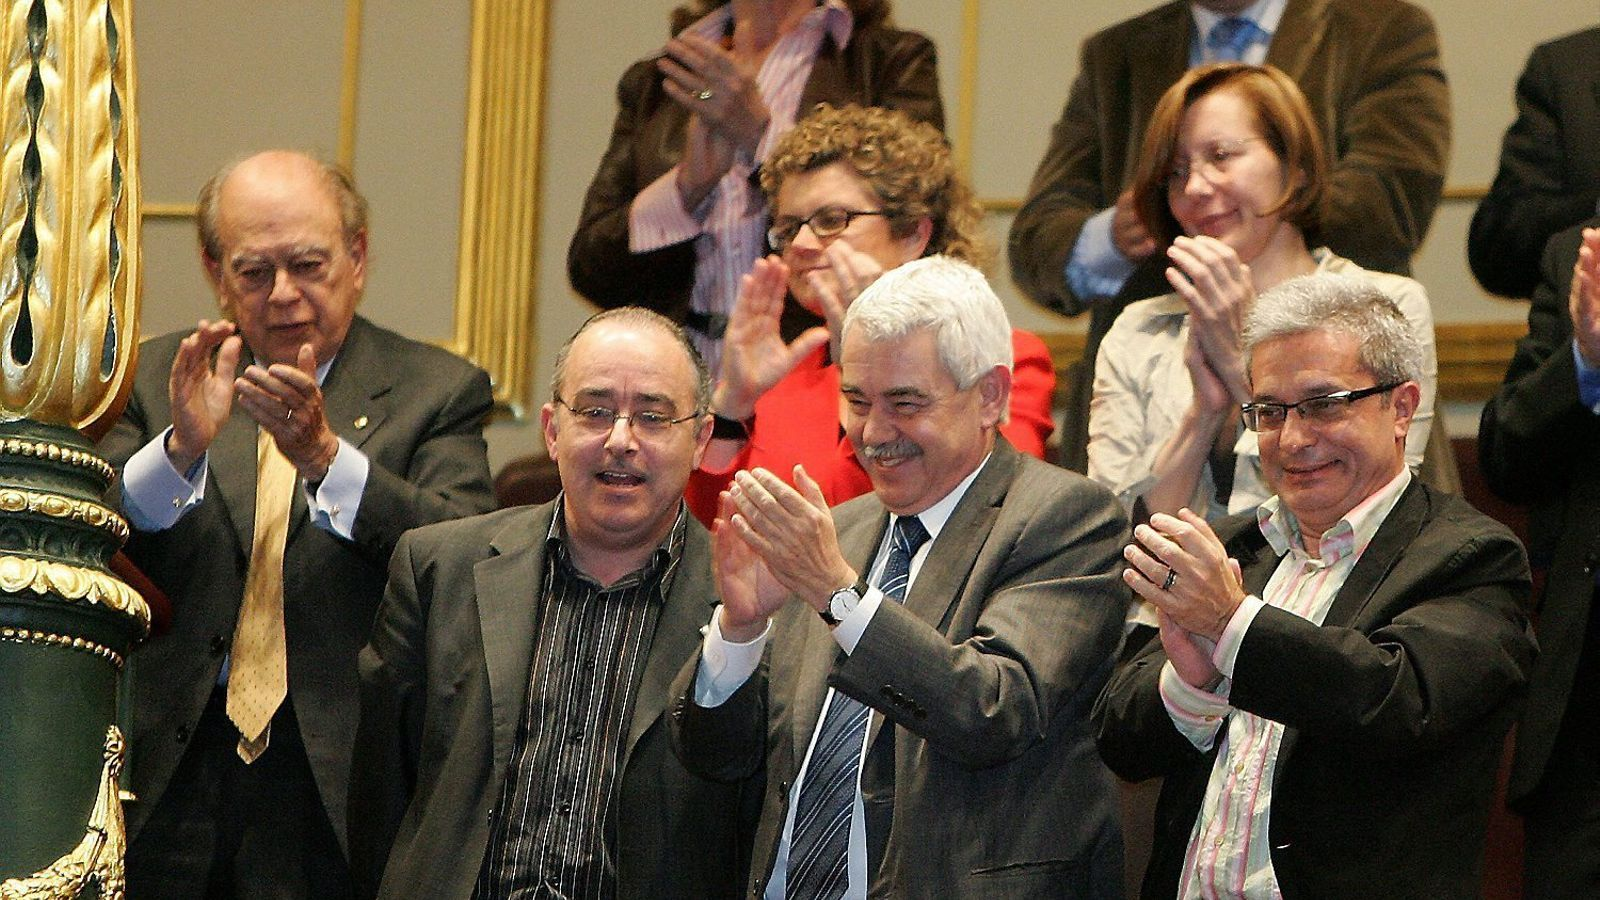 Pasqual Maragall, amb Josep Bargalló i Joan Saura (amb Jordi Pujol a segona fila), a la tribuna del Congrés.